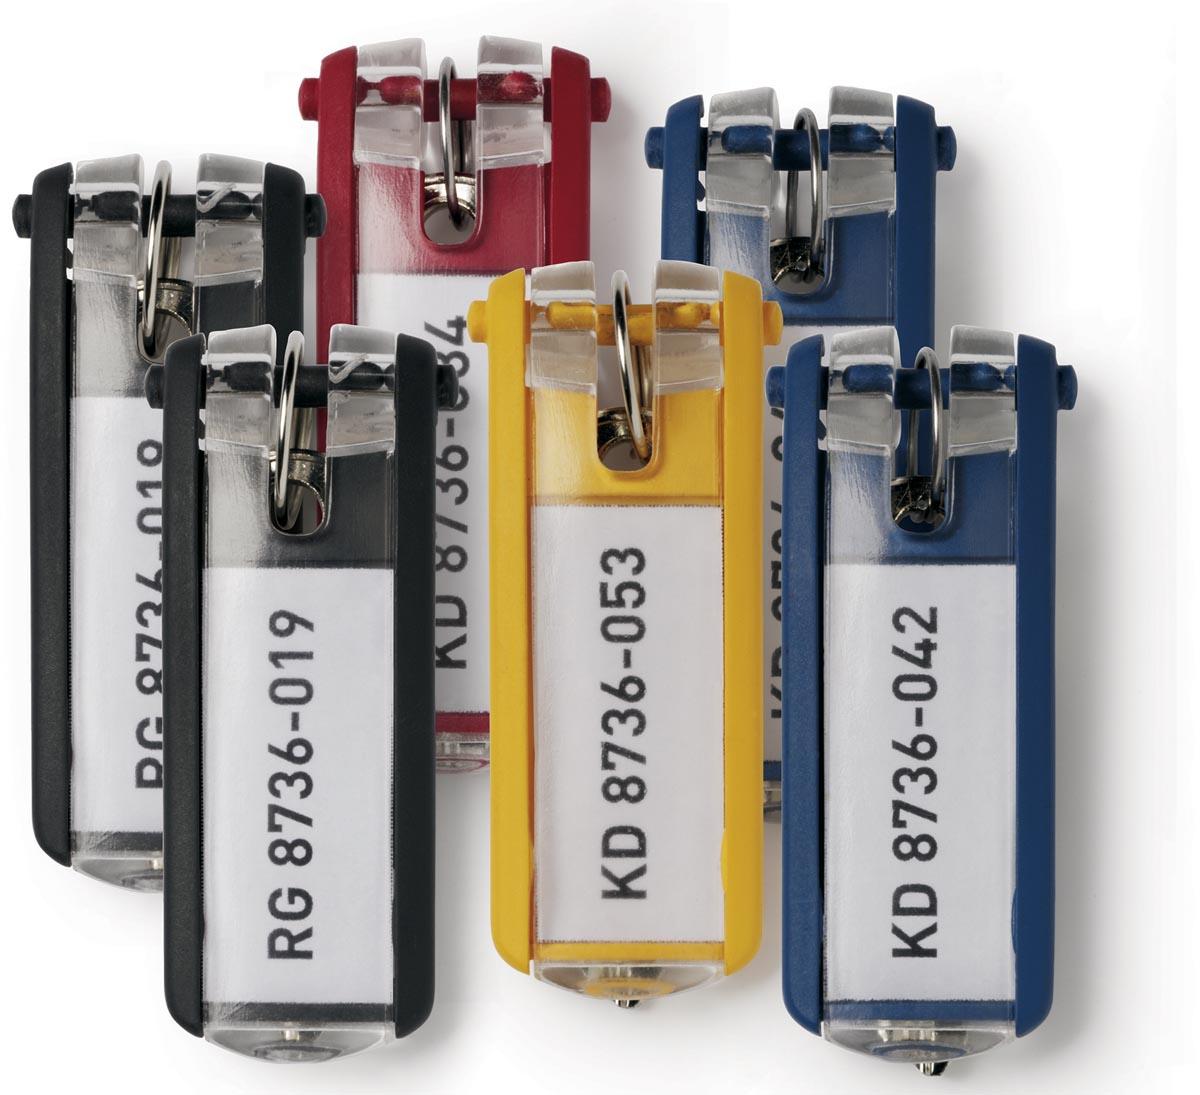 Durable sleutelhanger Key Clip, assortiment, pak van 6 stuks